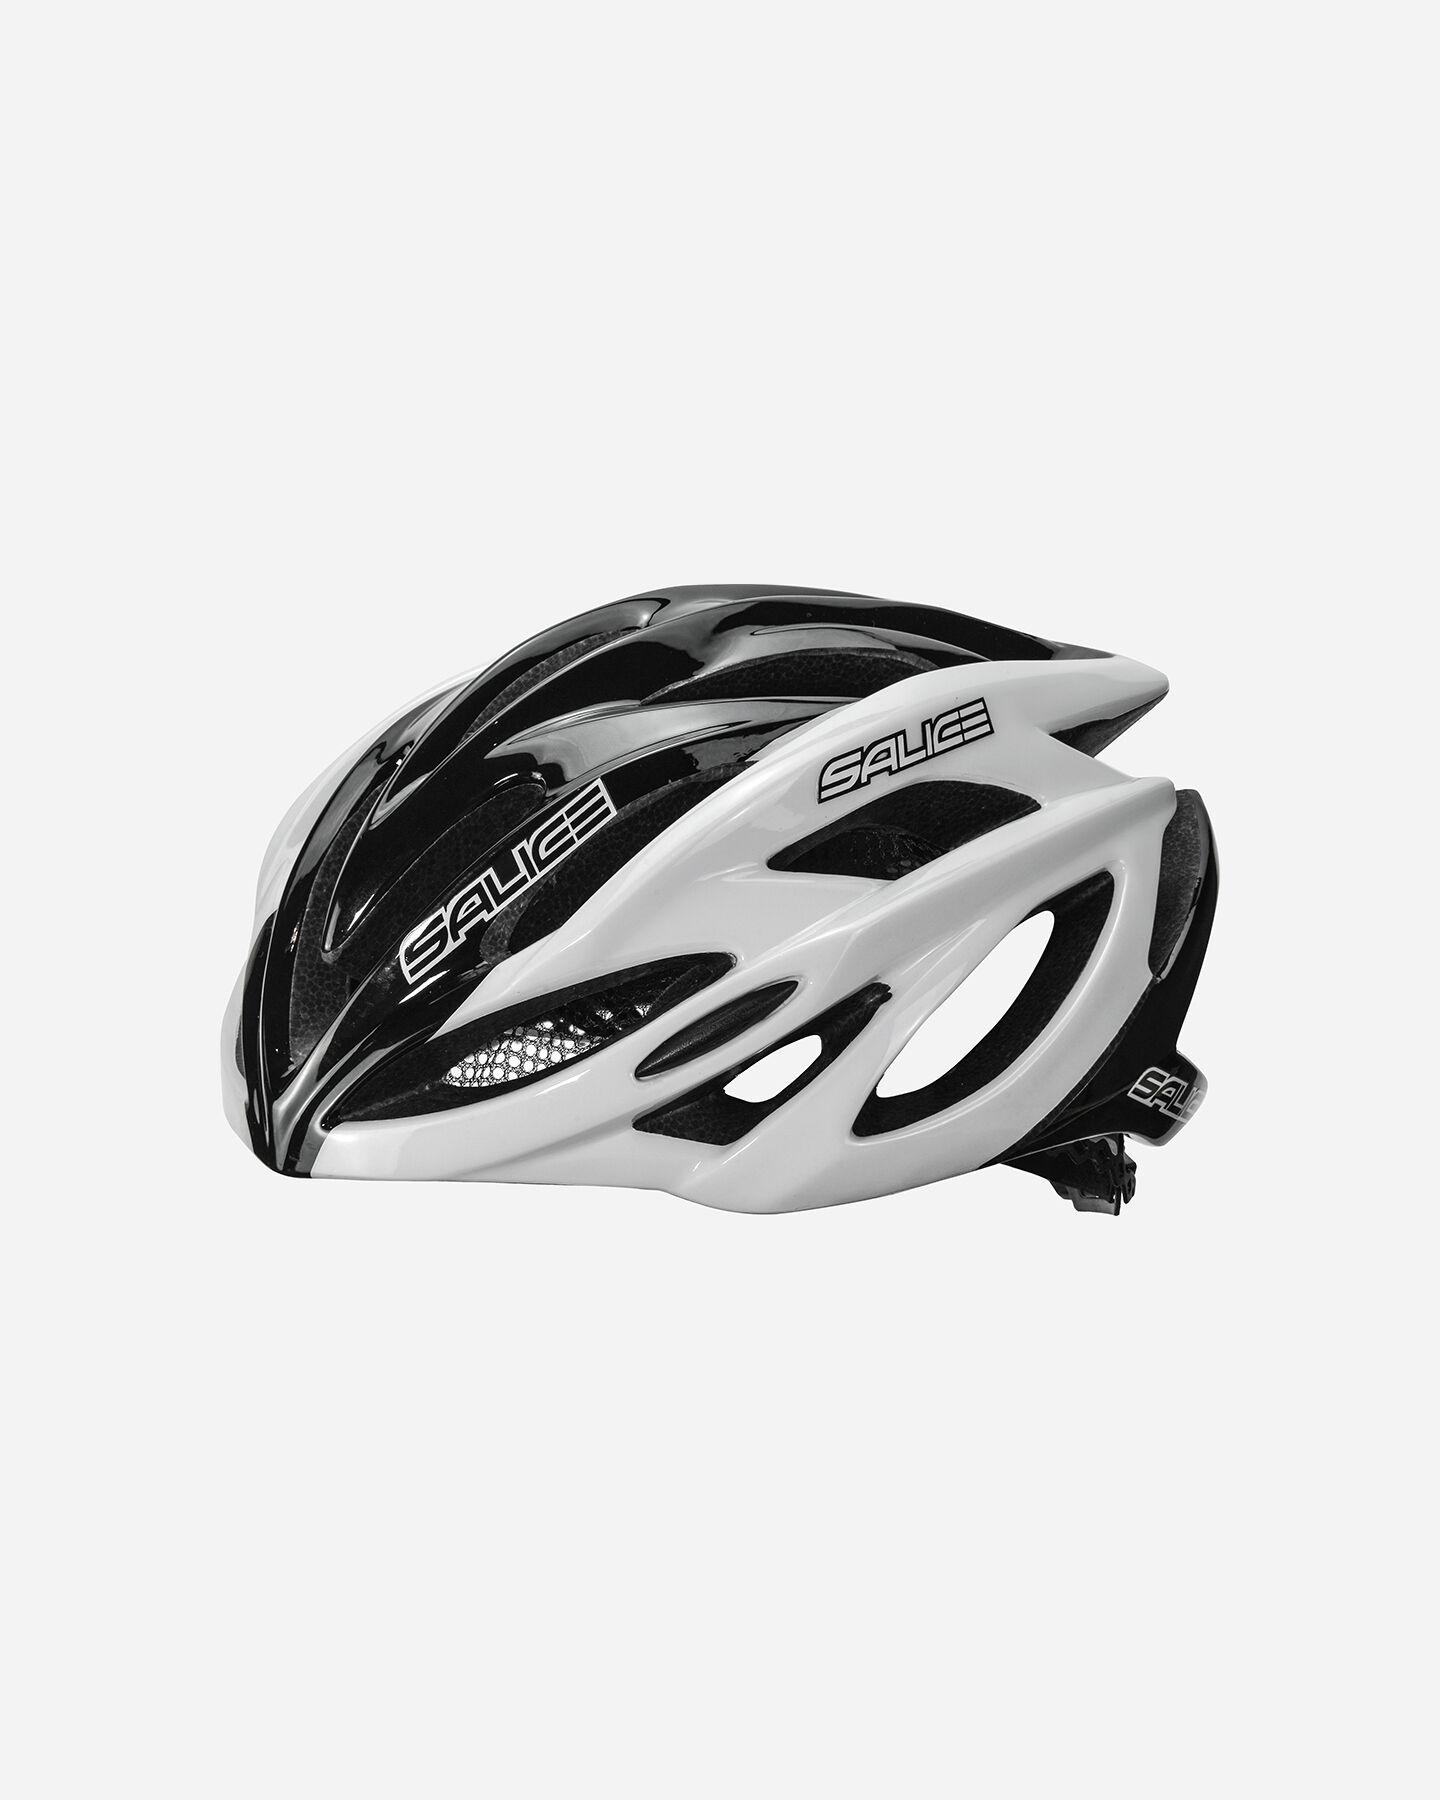 Casco bici SALICE GHIBLI S4091227|1|XL scatto 0